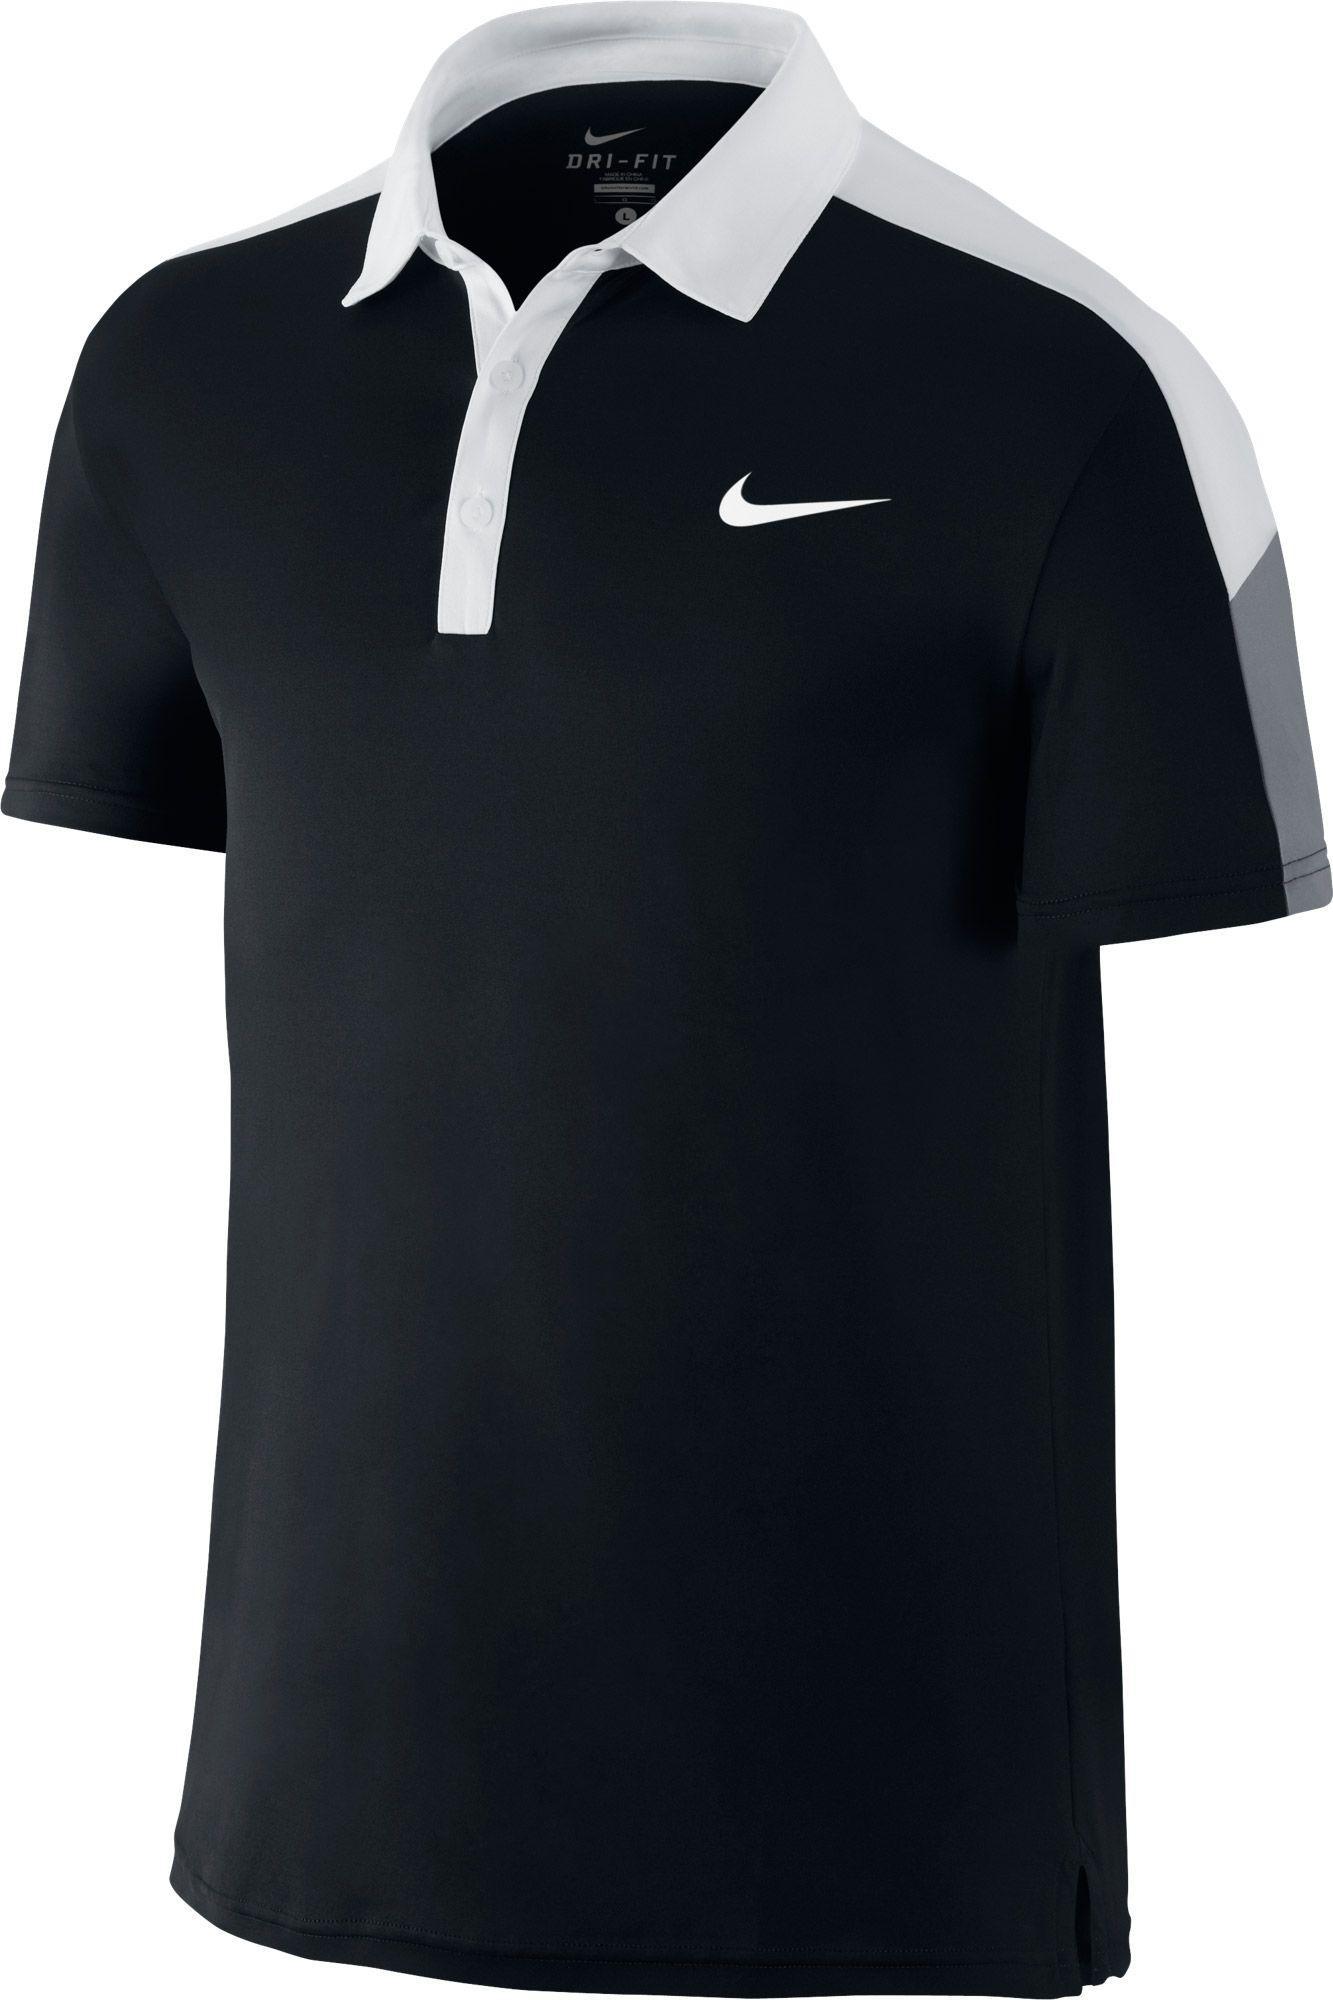 Nike. Men's Black Team Court Tennis Polo